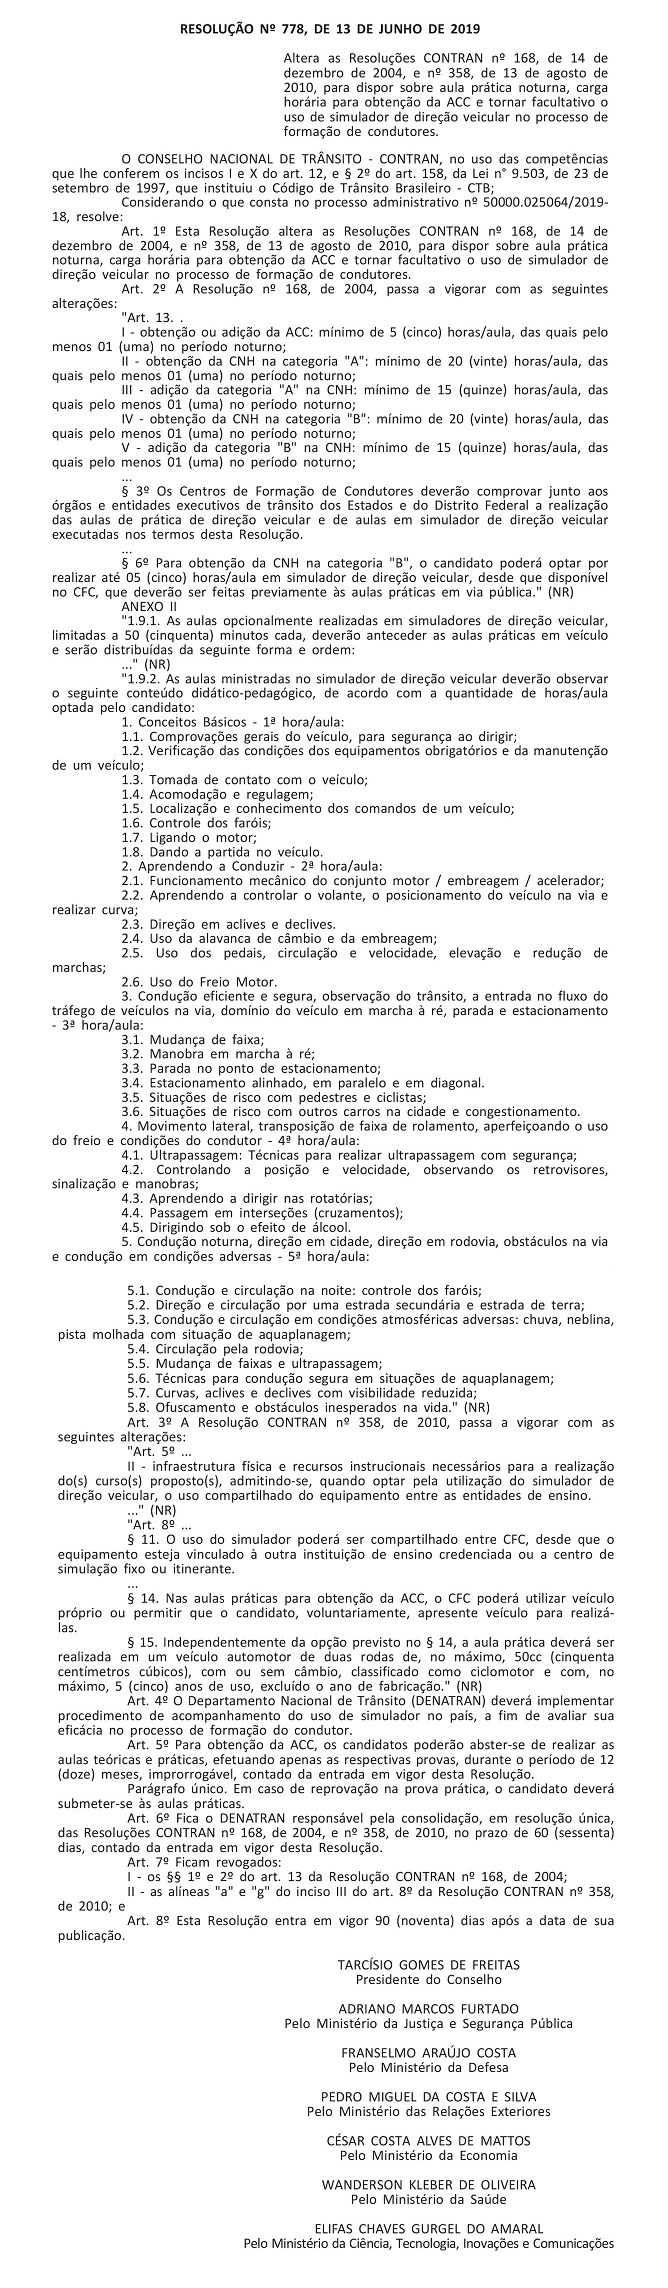 resolucao_aulas_noturnas